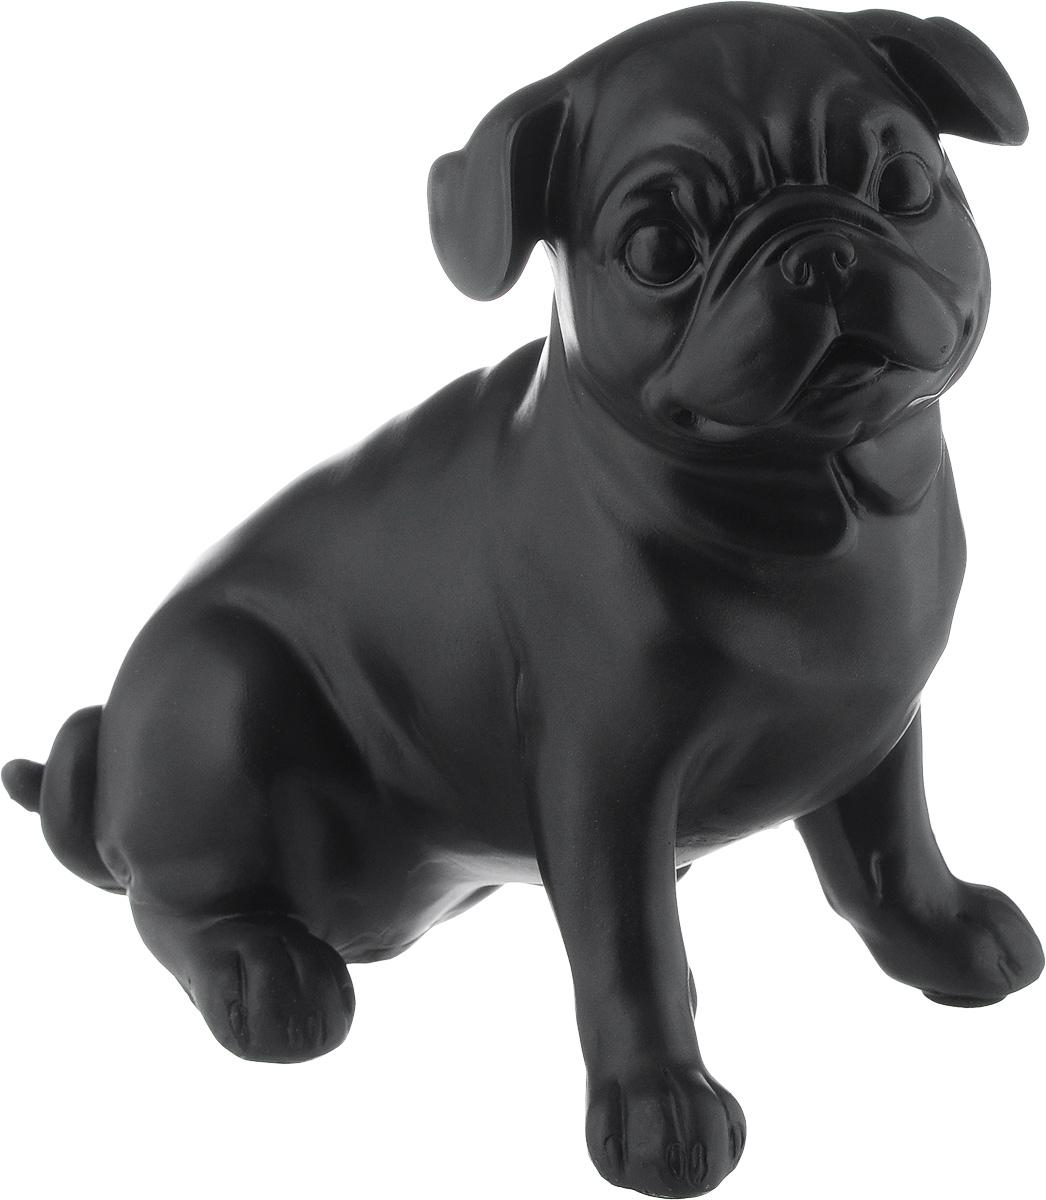 Фигурка декоративная Magic Home Мопс, 19,3 х 12 х 18,5 см44421Декоративная фигурка Magic Home Мопс изготовлена из полирезина. Изделие выполнено в виде собаки. Вы можете поставить фигурку в любом месте, где она будет удачно смотреться и радовать глаз. Сувенир отлично подойдет в качестве подарка близким или друзьям.